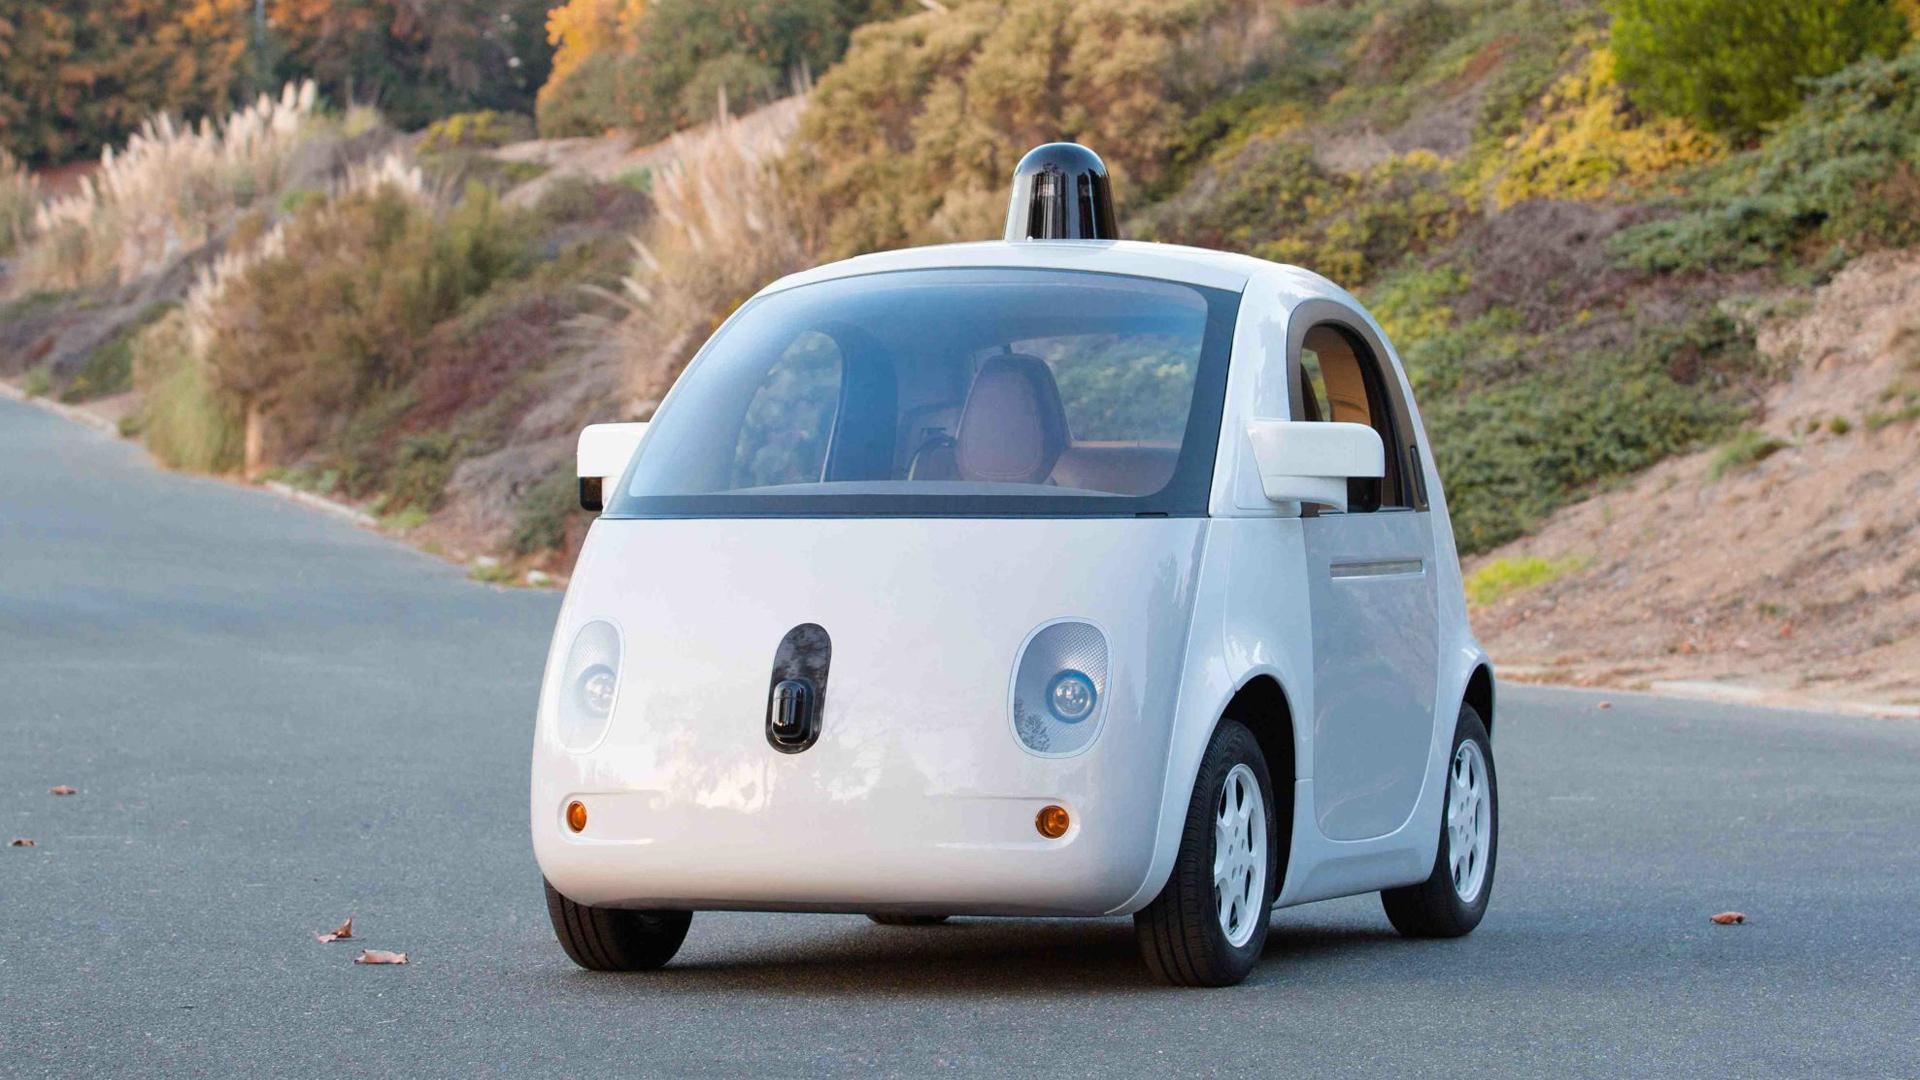 21 millones de autos sin conductor estarán en las calles en 2035